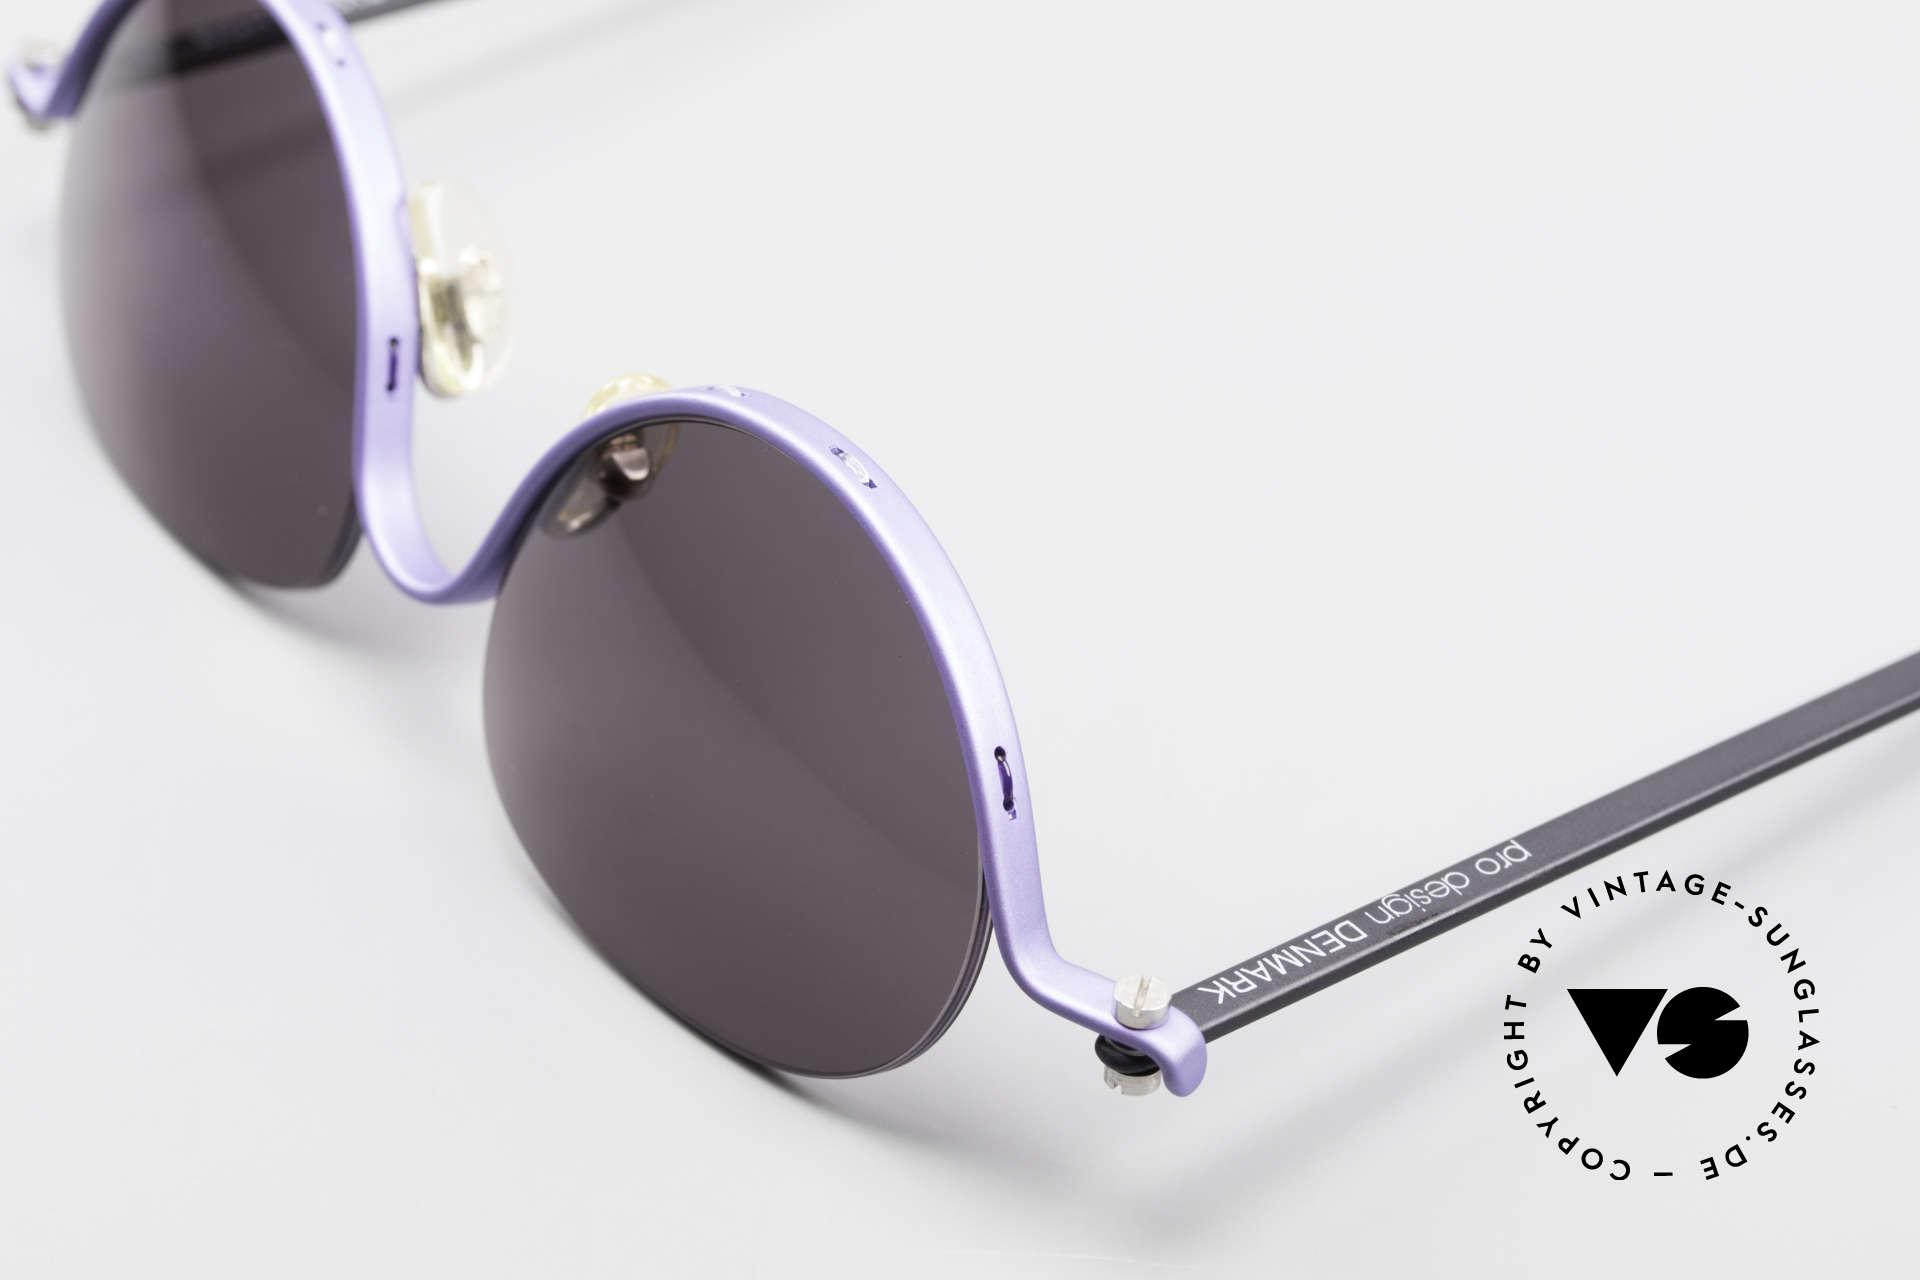 ProDesign No8 Gail Spence Designer Brille, grandioses Einzelstück; nicht nur für Filmliebhaber, Passend für Damen